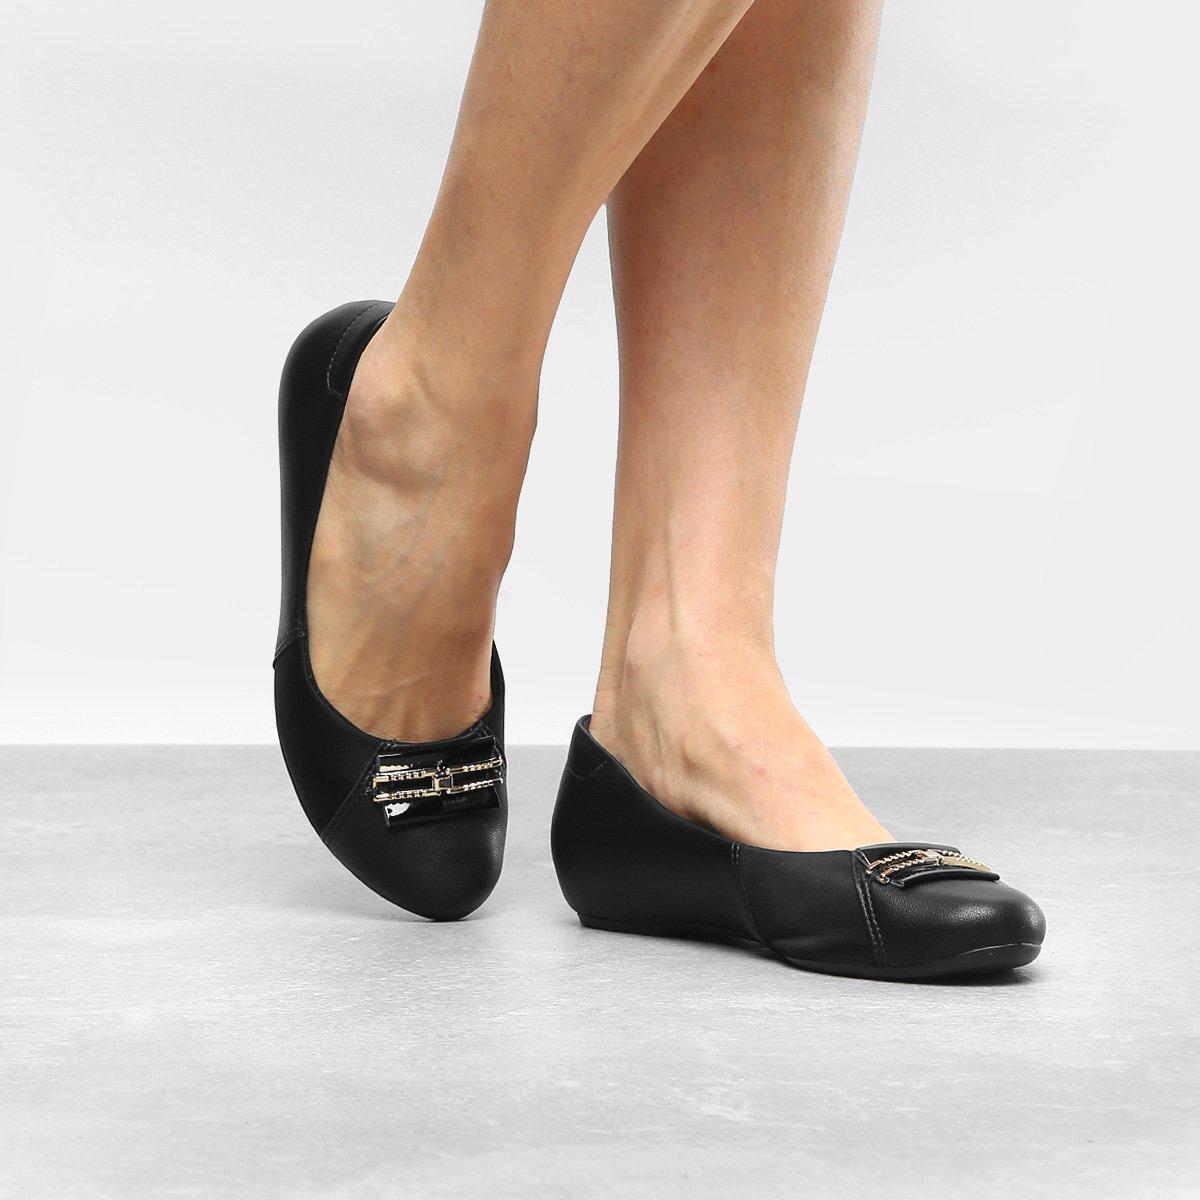 Embutido Sapatilha Feminina Preto com Sapatilha Comfortflex Salto Comfortflex q1wnZ